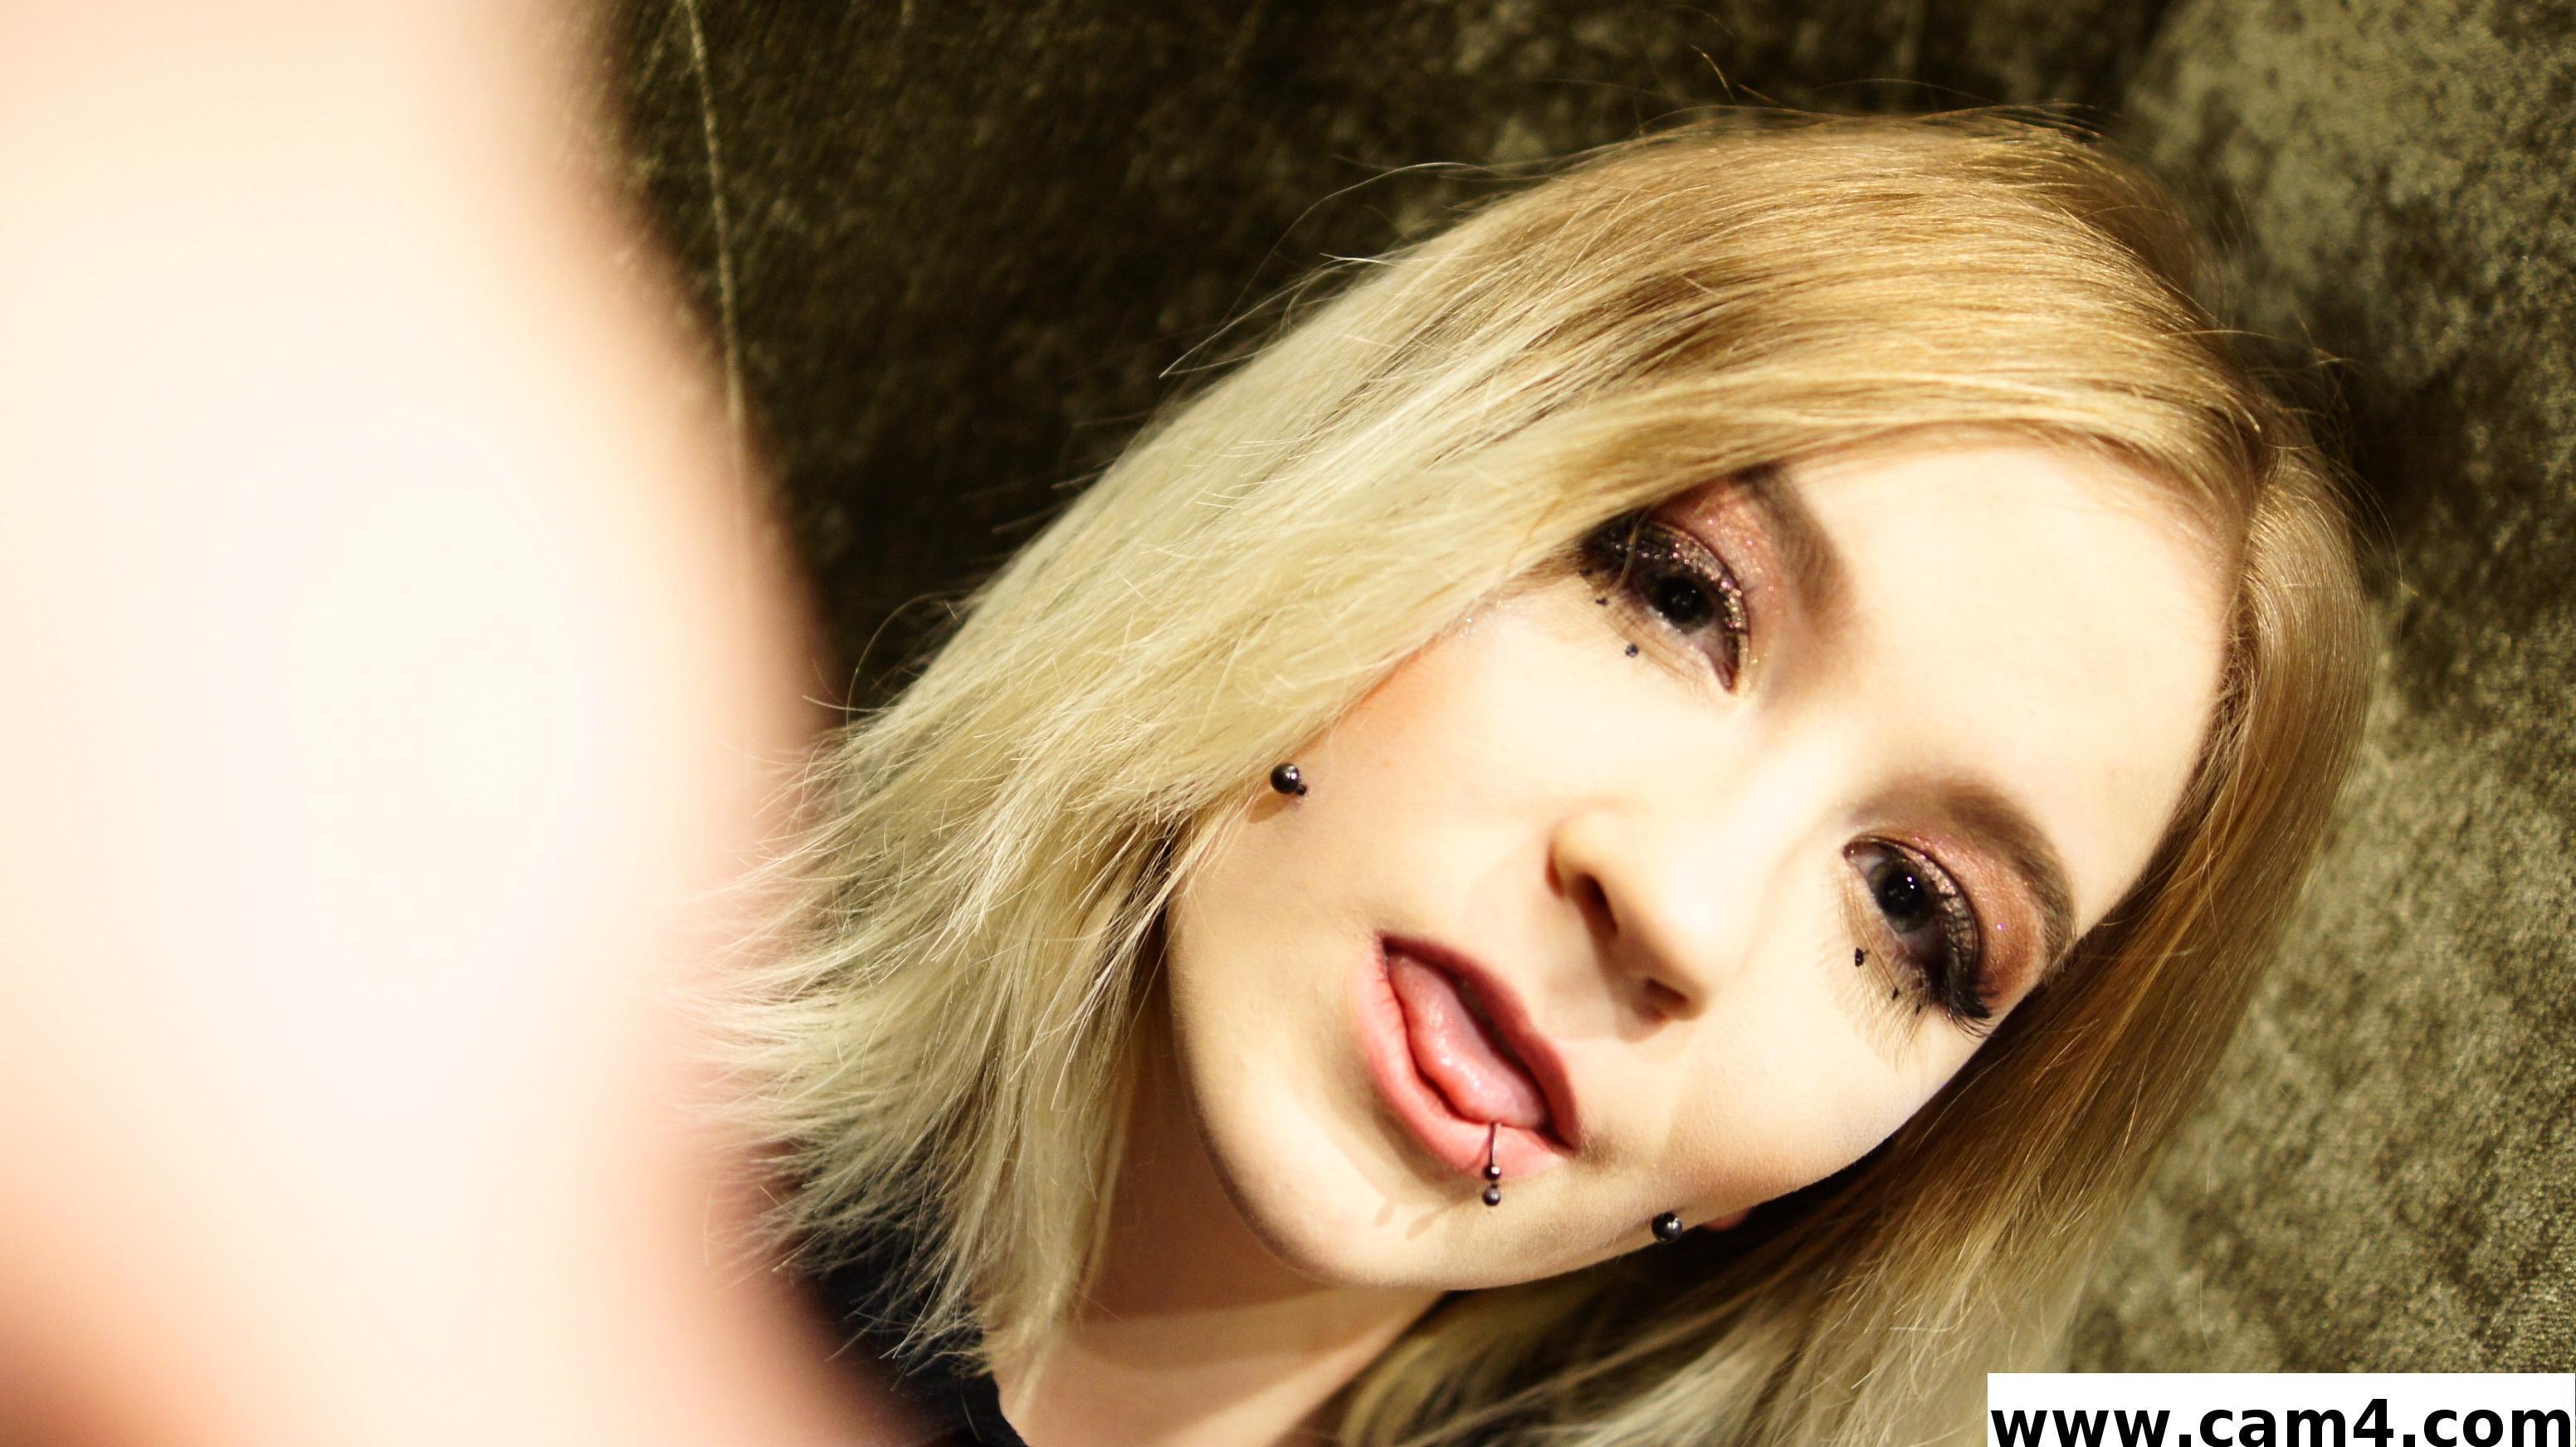 Cara_lover photo 13395542